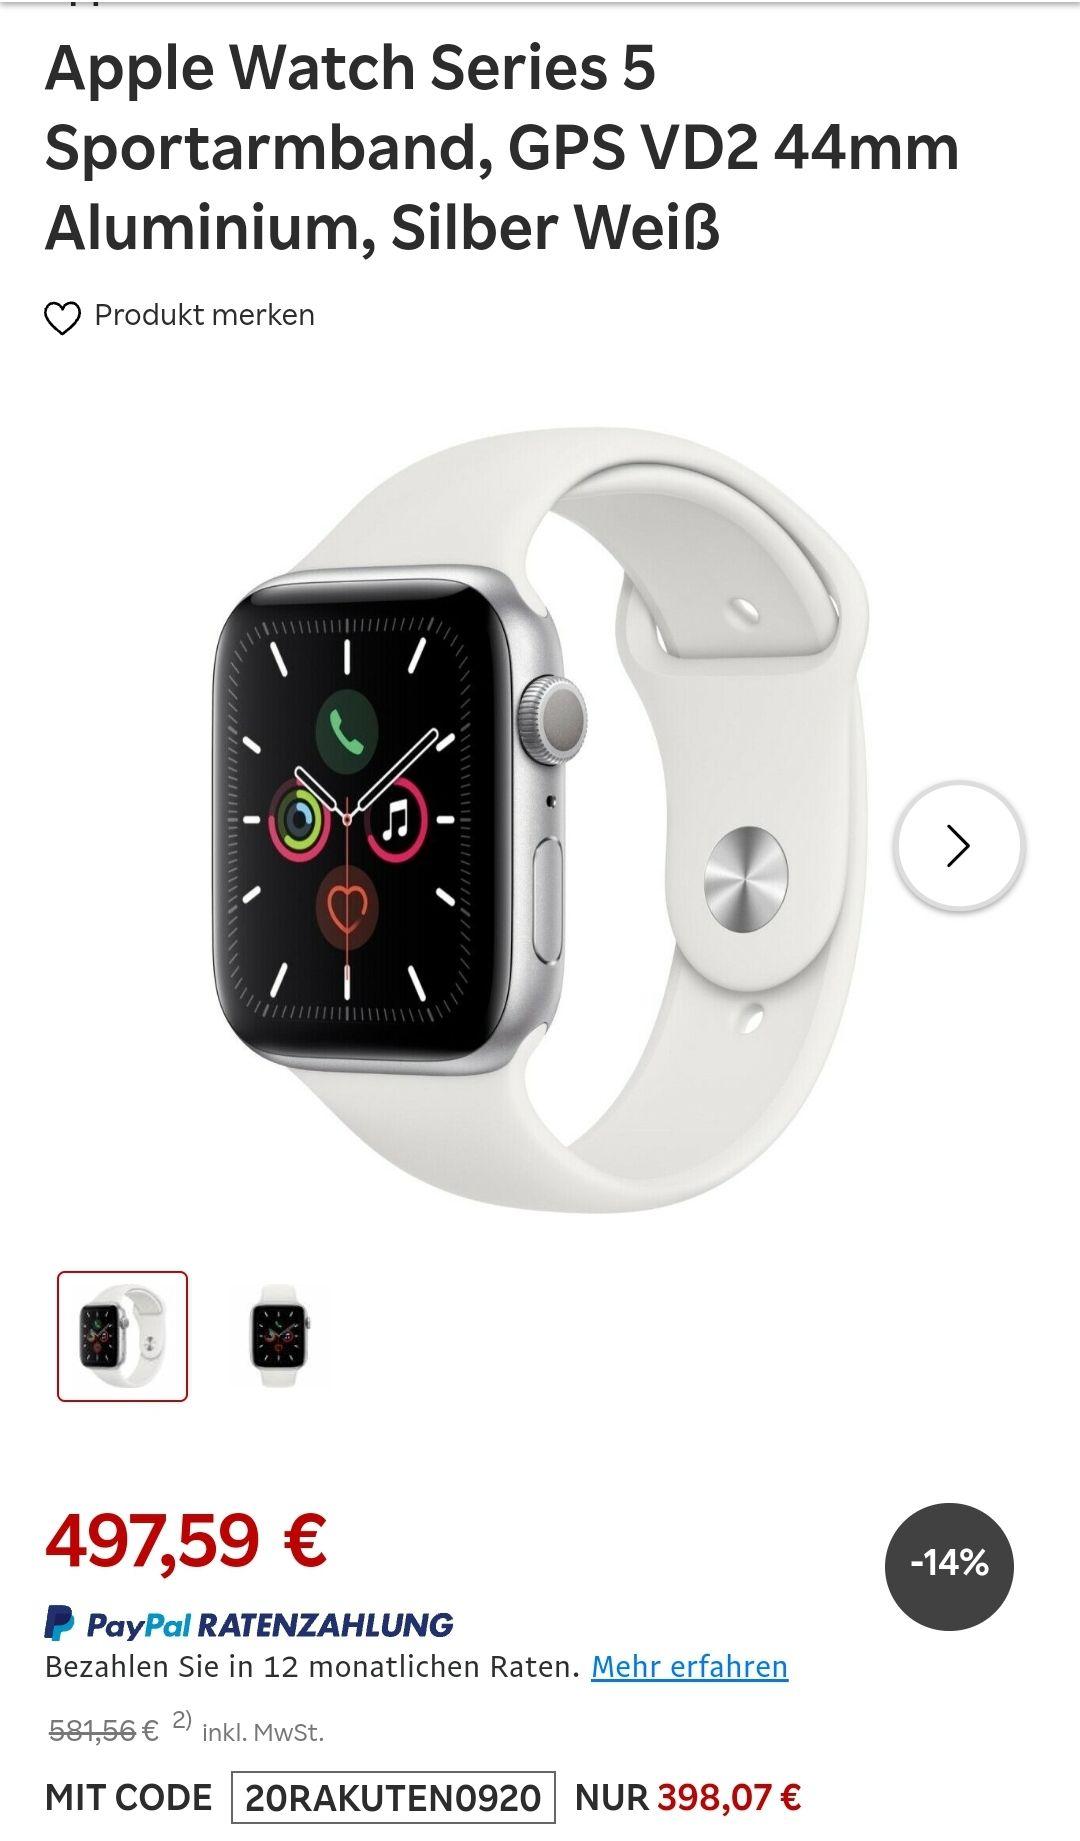 Apple Watch Series 5 Sportarmband, GPS VD2 44mm Aluminium, Silber Weiß